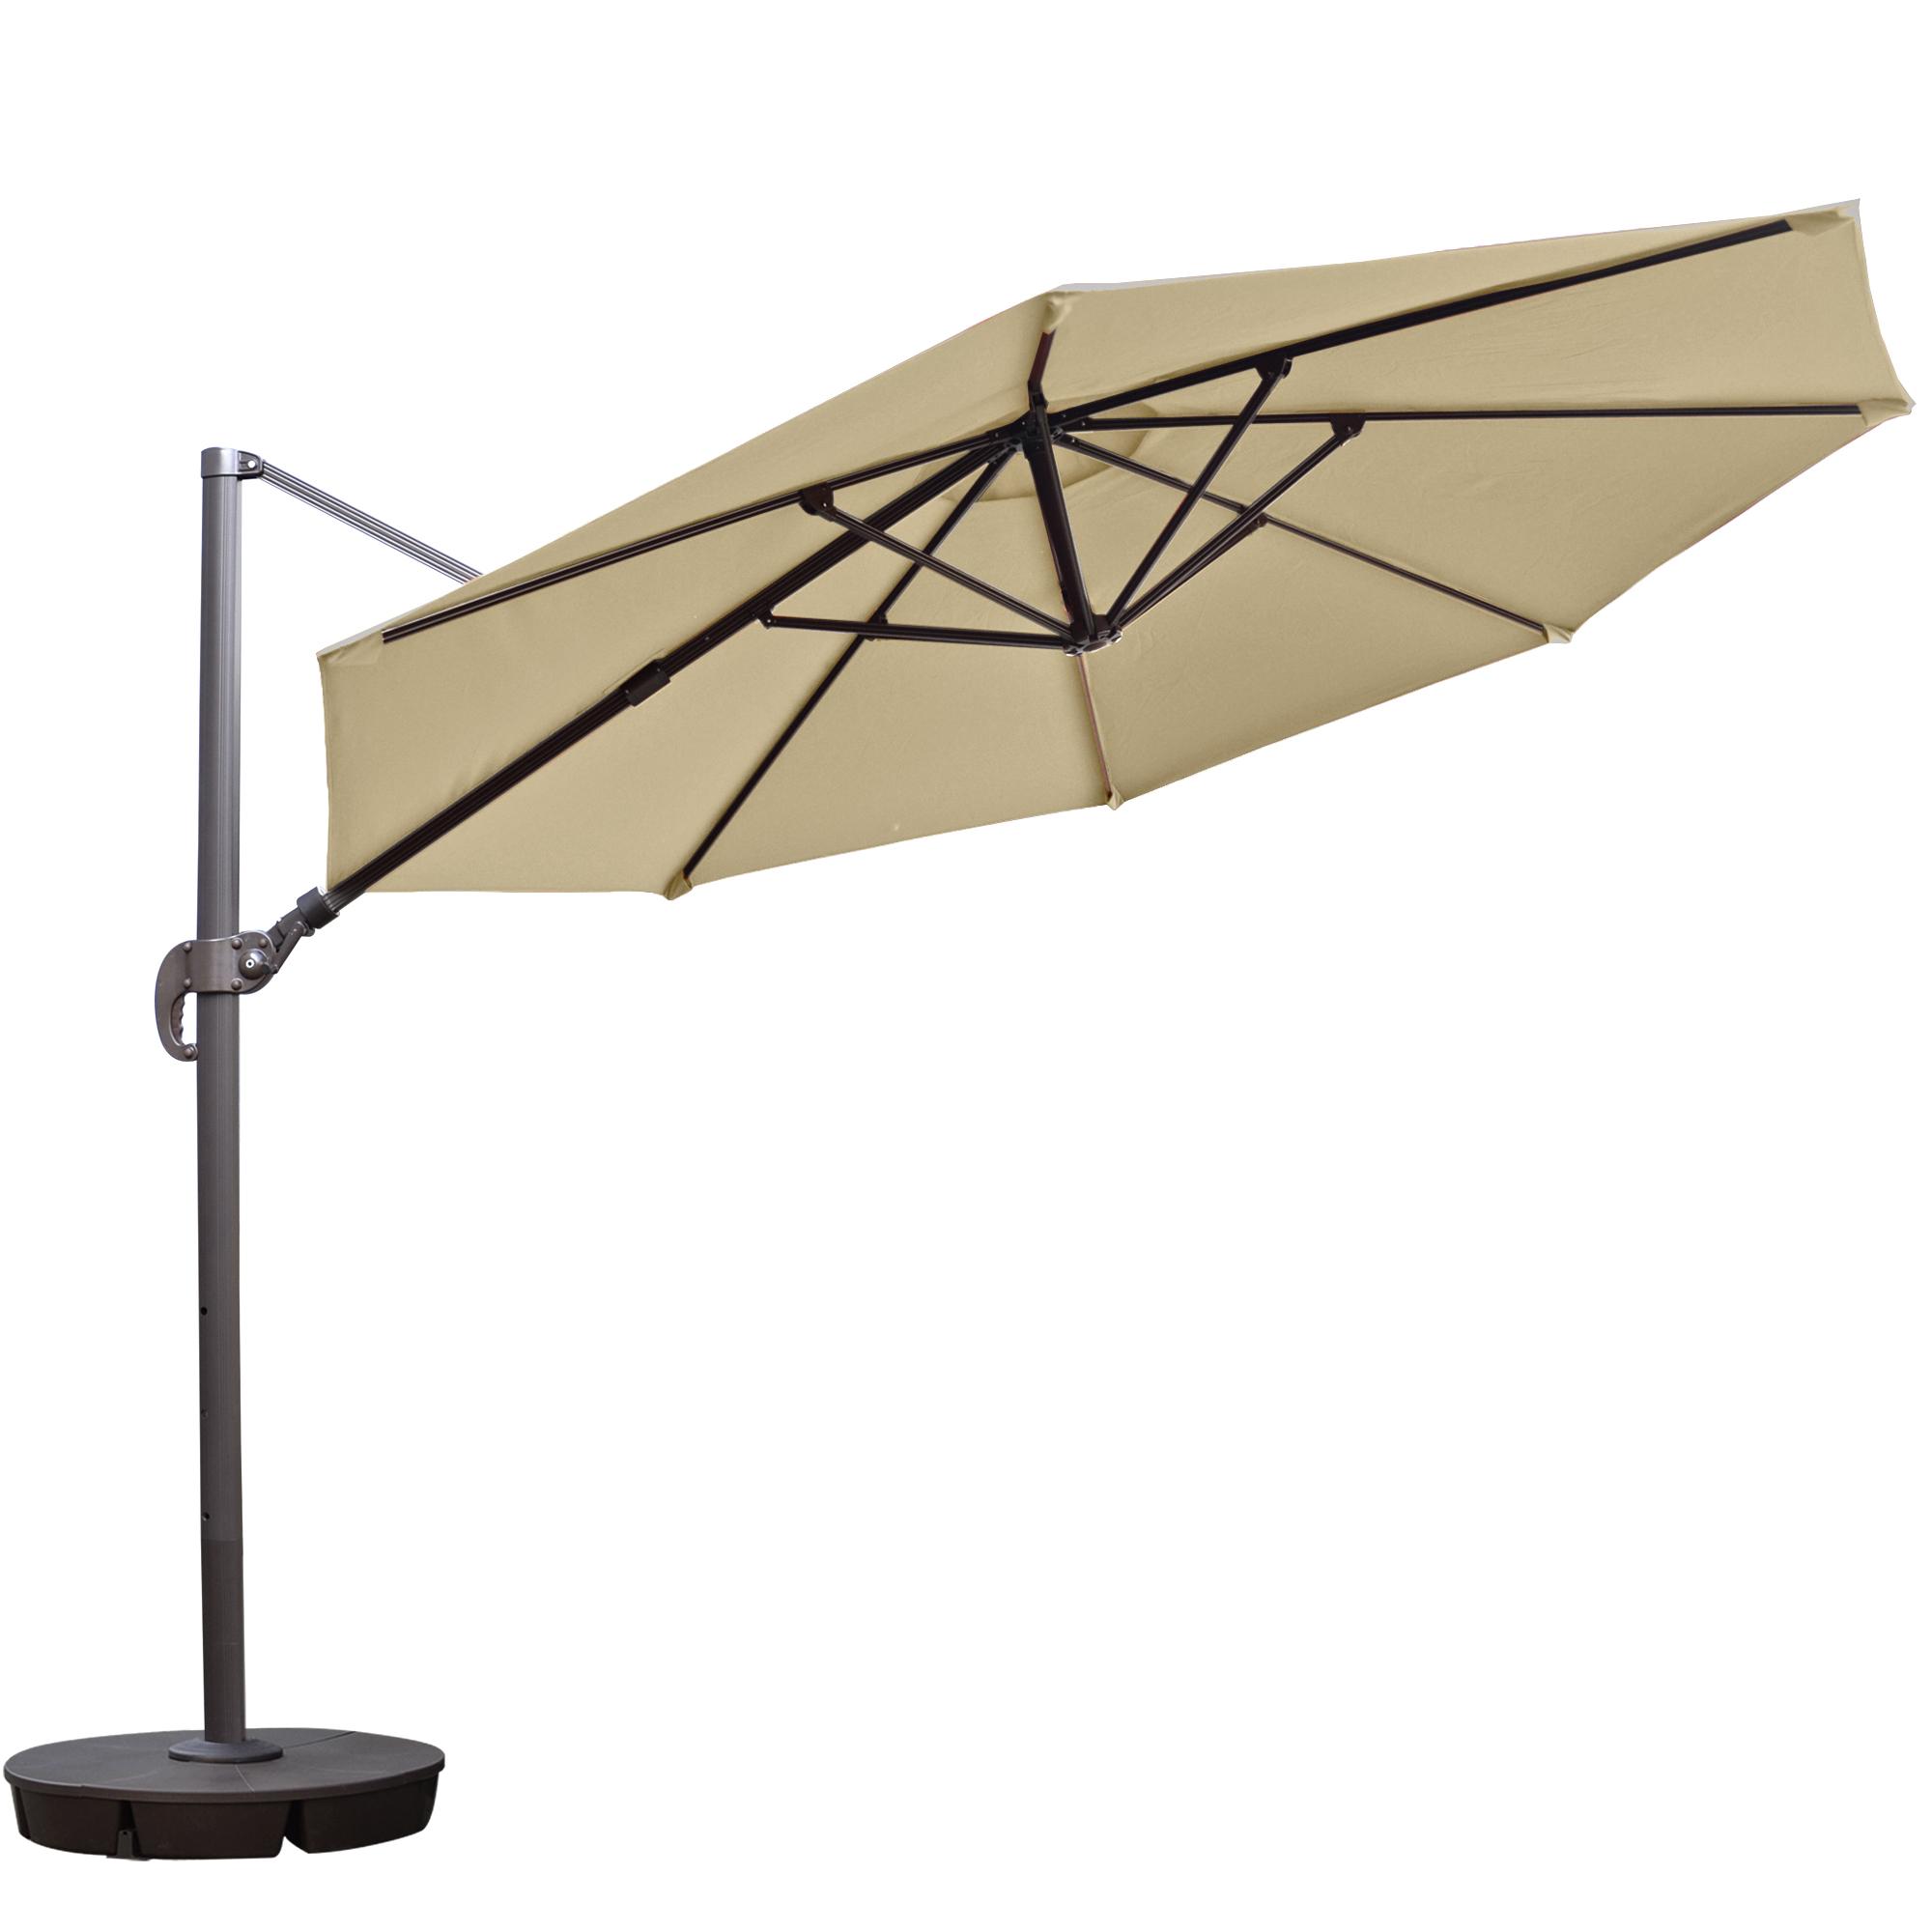 Sunbrella Cantilever Umbrella 11